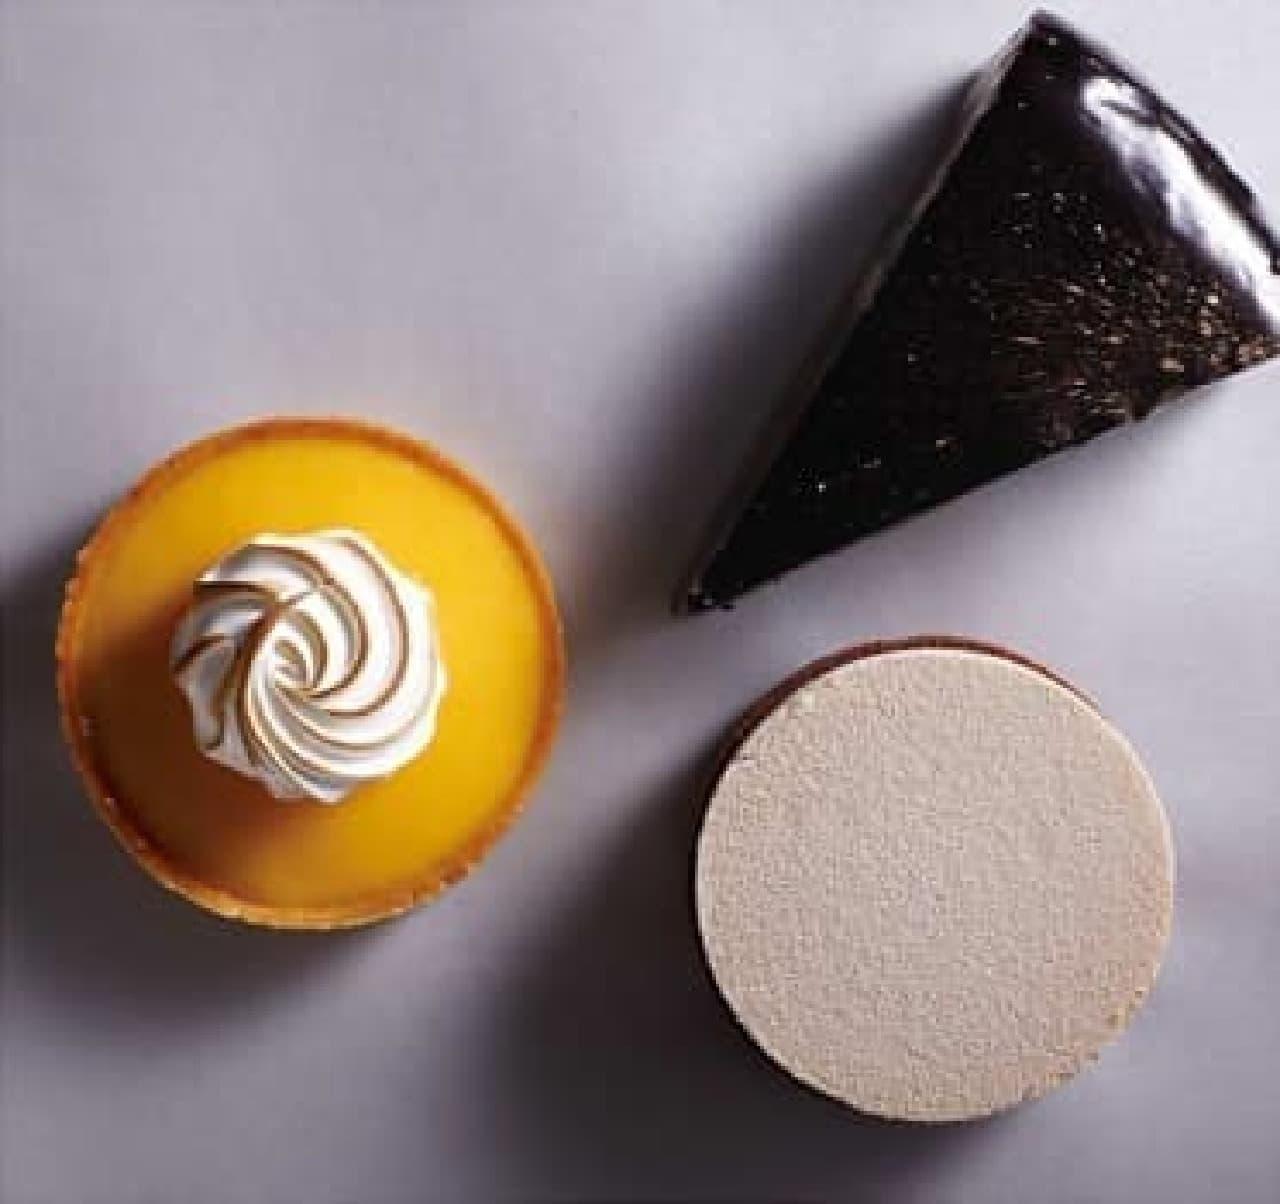 「MORI YOSHIDA」とコラボしたケーキ3種